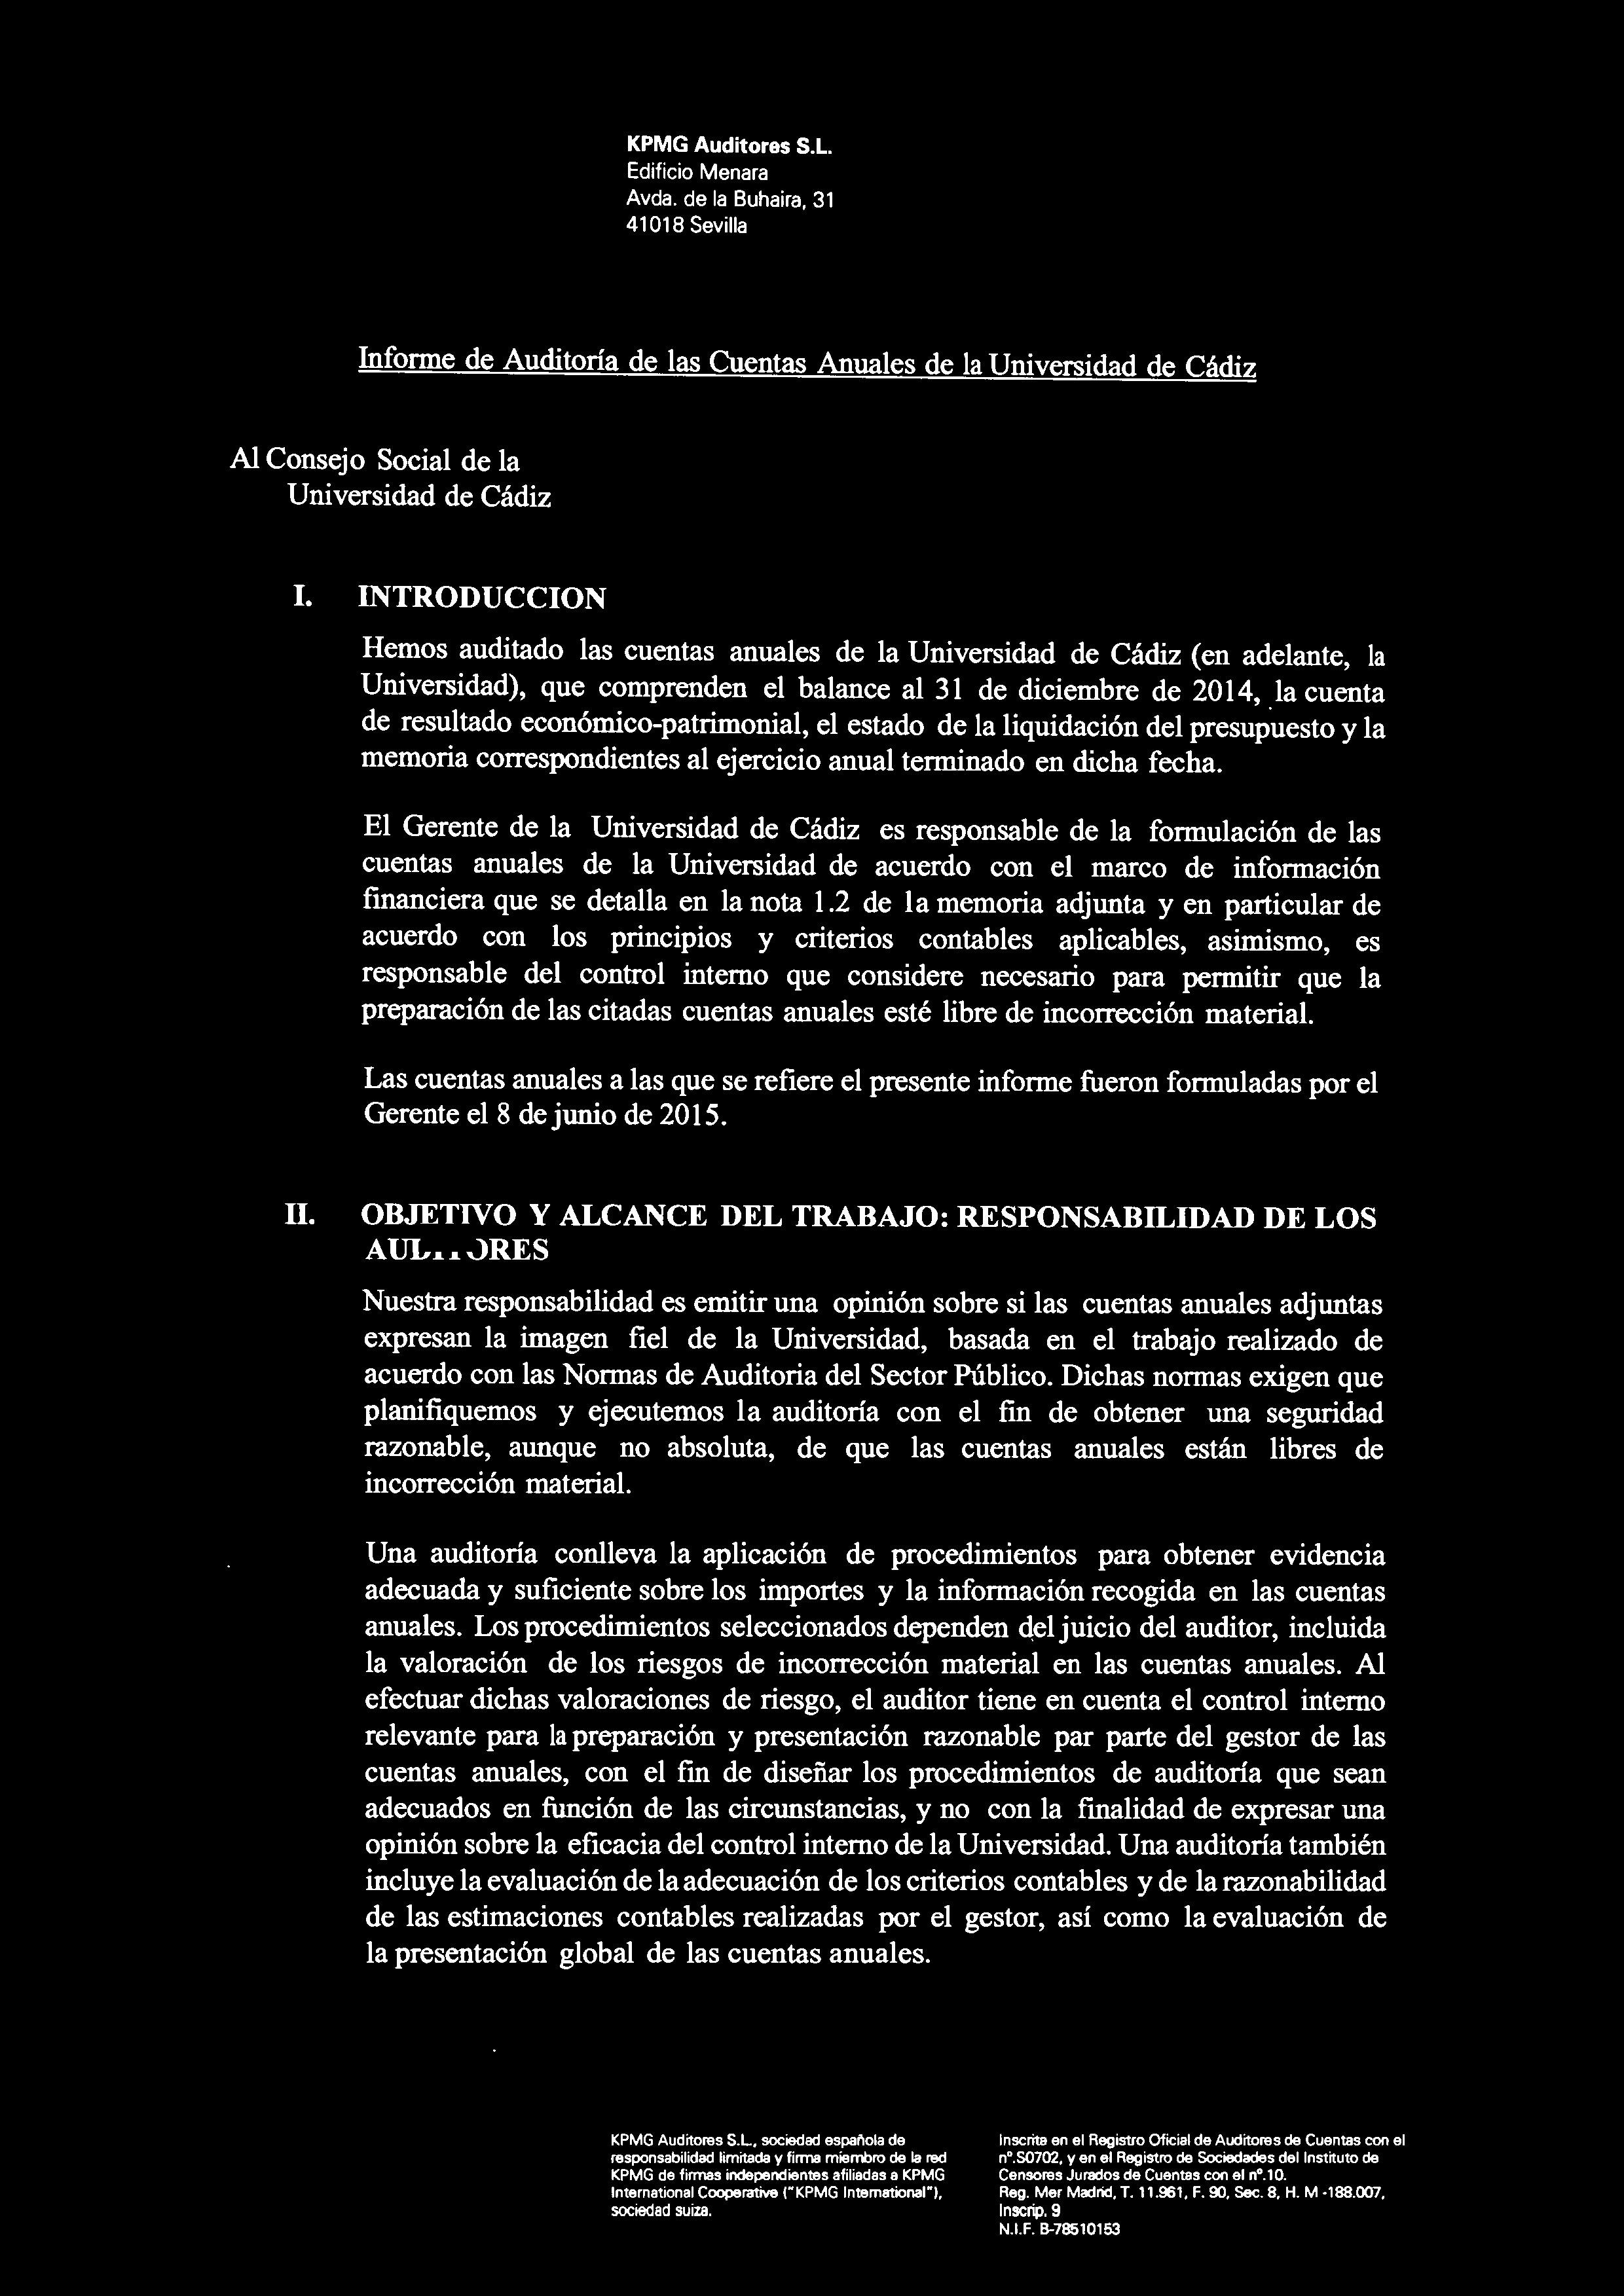 Calendario Escolar 2019 Cataluña Más Actual Boletn Icial De La Universidad De Cádiz A±o Xiii Suplemento Of Calendario Escolar 2019 Cataluña Recientes Casi Tres Meses Del